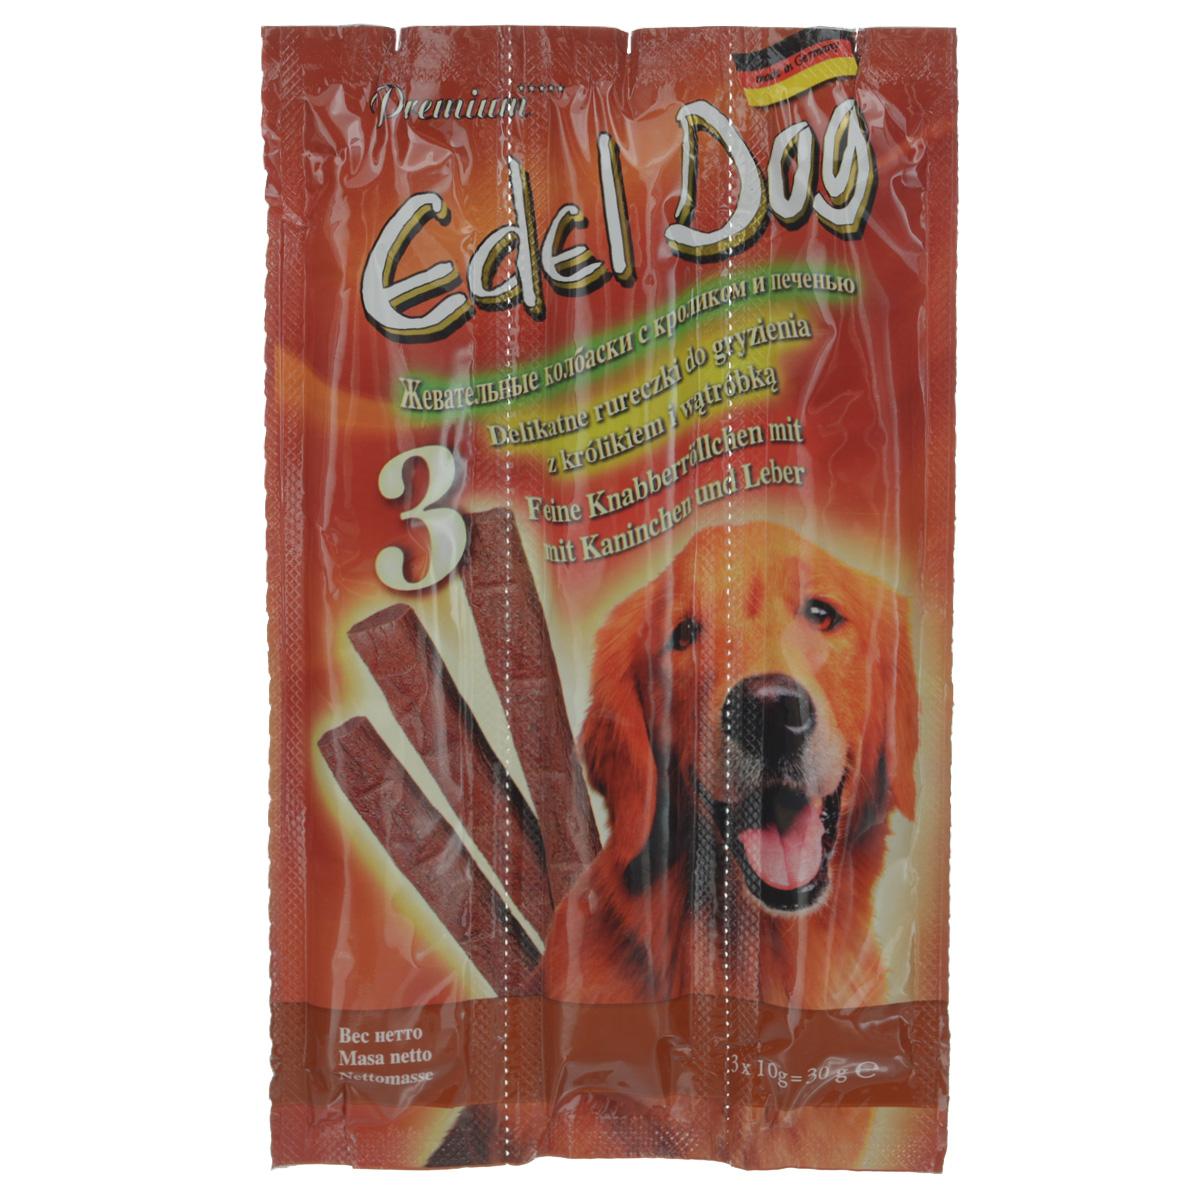 Колбаски жевательные Edel Dog для собак, с кроликом и печенью, 3 шт12826Жевательные колбаски Edel Dog - это лакомство для собак. Используются в качестве лакомства и в дополнение к основному корму. На 95% состоят из свежего мяса с добавлением витаминно-минерального комплекса. Состав: мясо и мясопродукты (90%, в т.ч. 6% кролика, 6% печени), минеральные вещества. Технологические добавки: антиоксиданты, консерванты. Аналитический состав: сырой протеин 35%, влажность 27%, сырой жир 21%, сырая зола 9%, сырая клетчатка 0,5%. Товар сертифицирован.